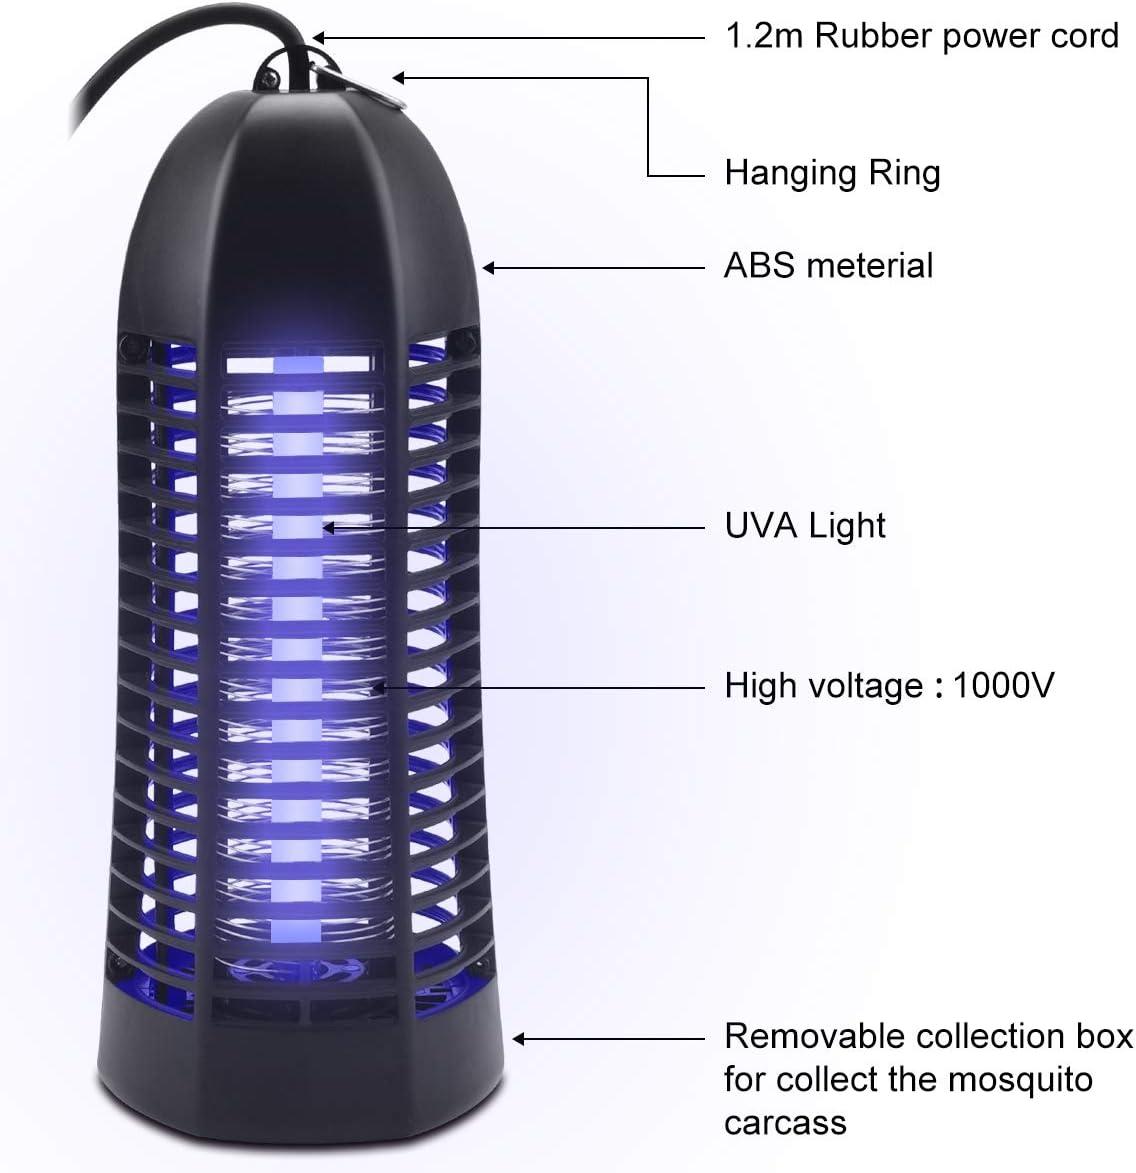 gemer Lampe Anti Moustique UV Moustique Tueur Lampe 6W LED R/épulsif Anti-Moustique Destructeur d Insectes Moustiques Pi/ège /à Insectes Attirer dinhalateur de Moustique Anti Mouches,Non Toxique